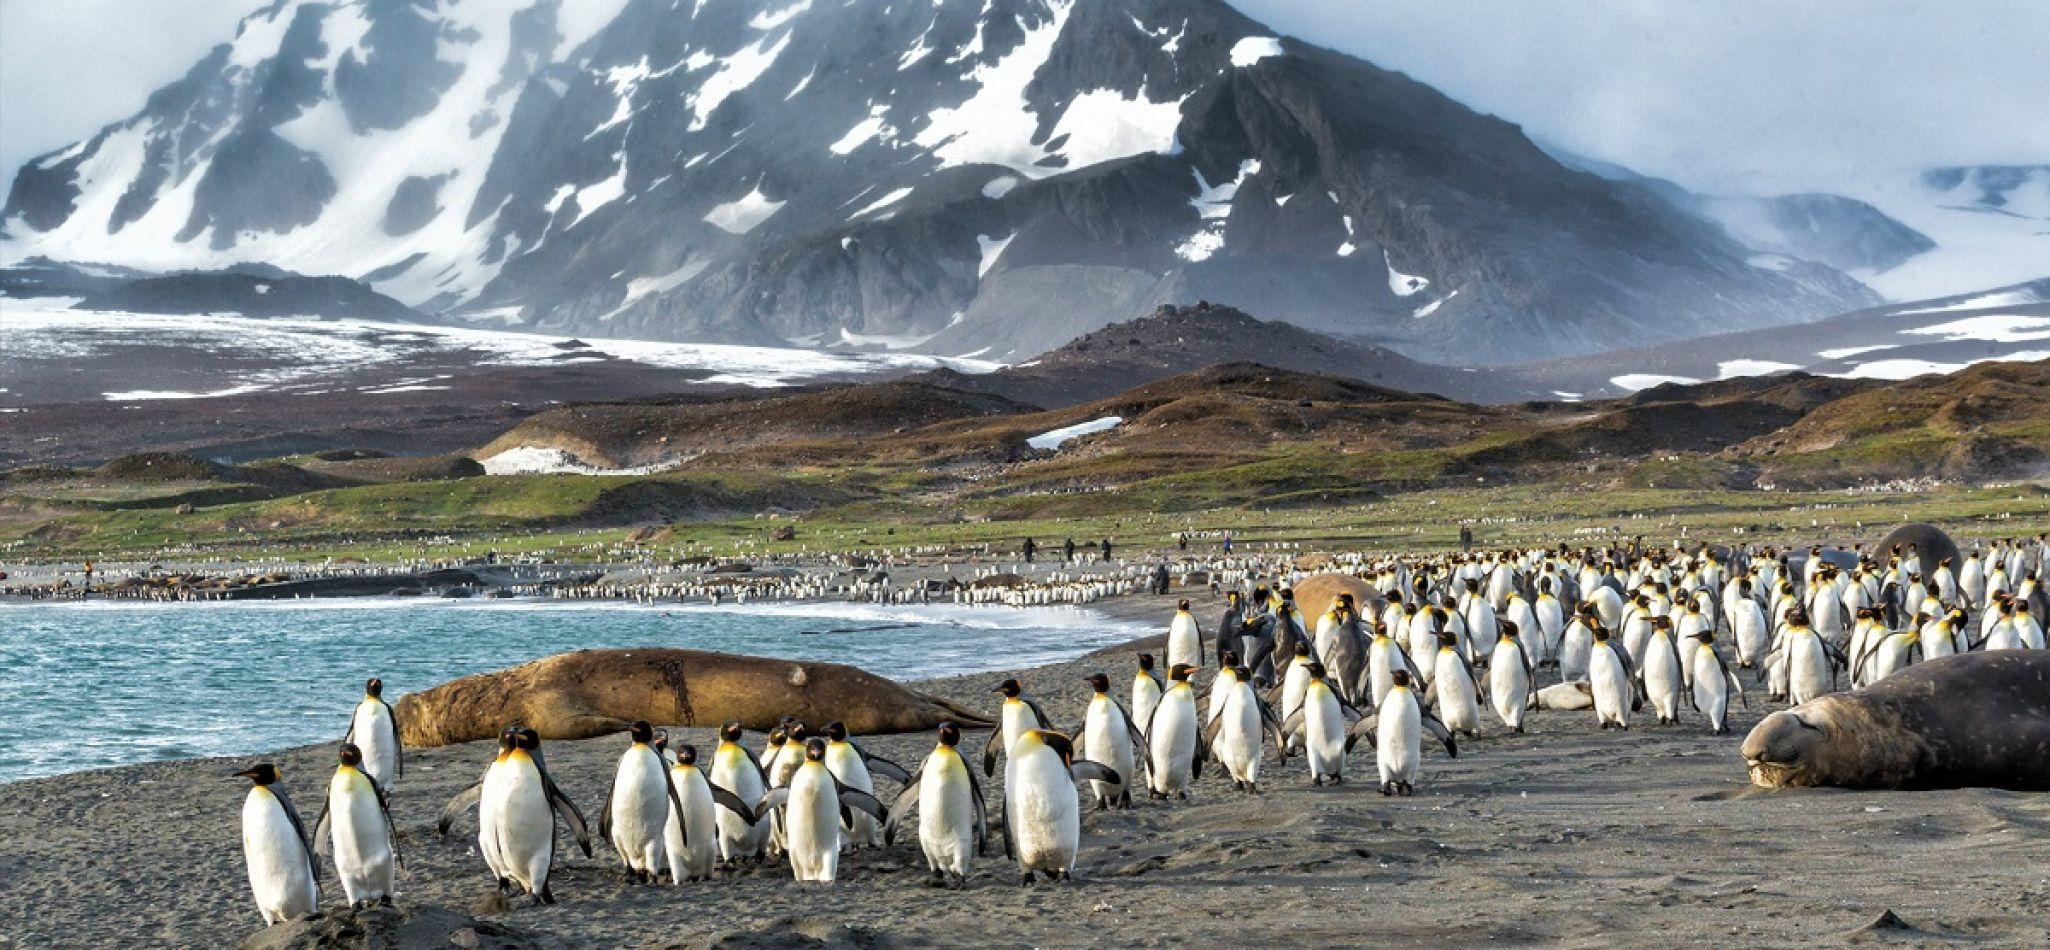 Los pingüinos de las Malvinas sufrirán del calentamiento global